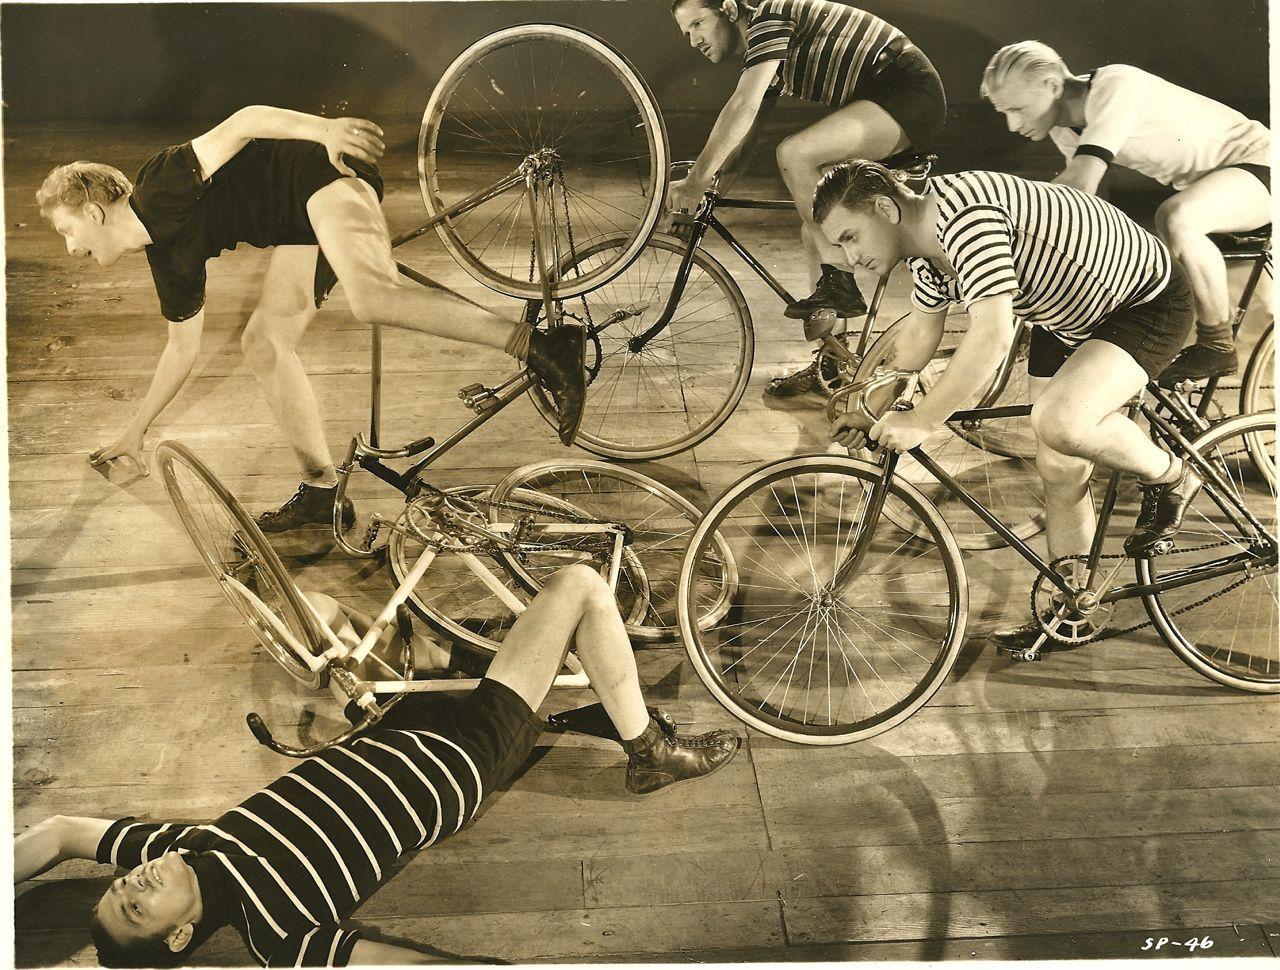 Pin By Jorch Vallejorch On Deportes Bike Rider Bike Ride Bike